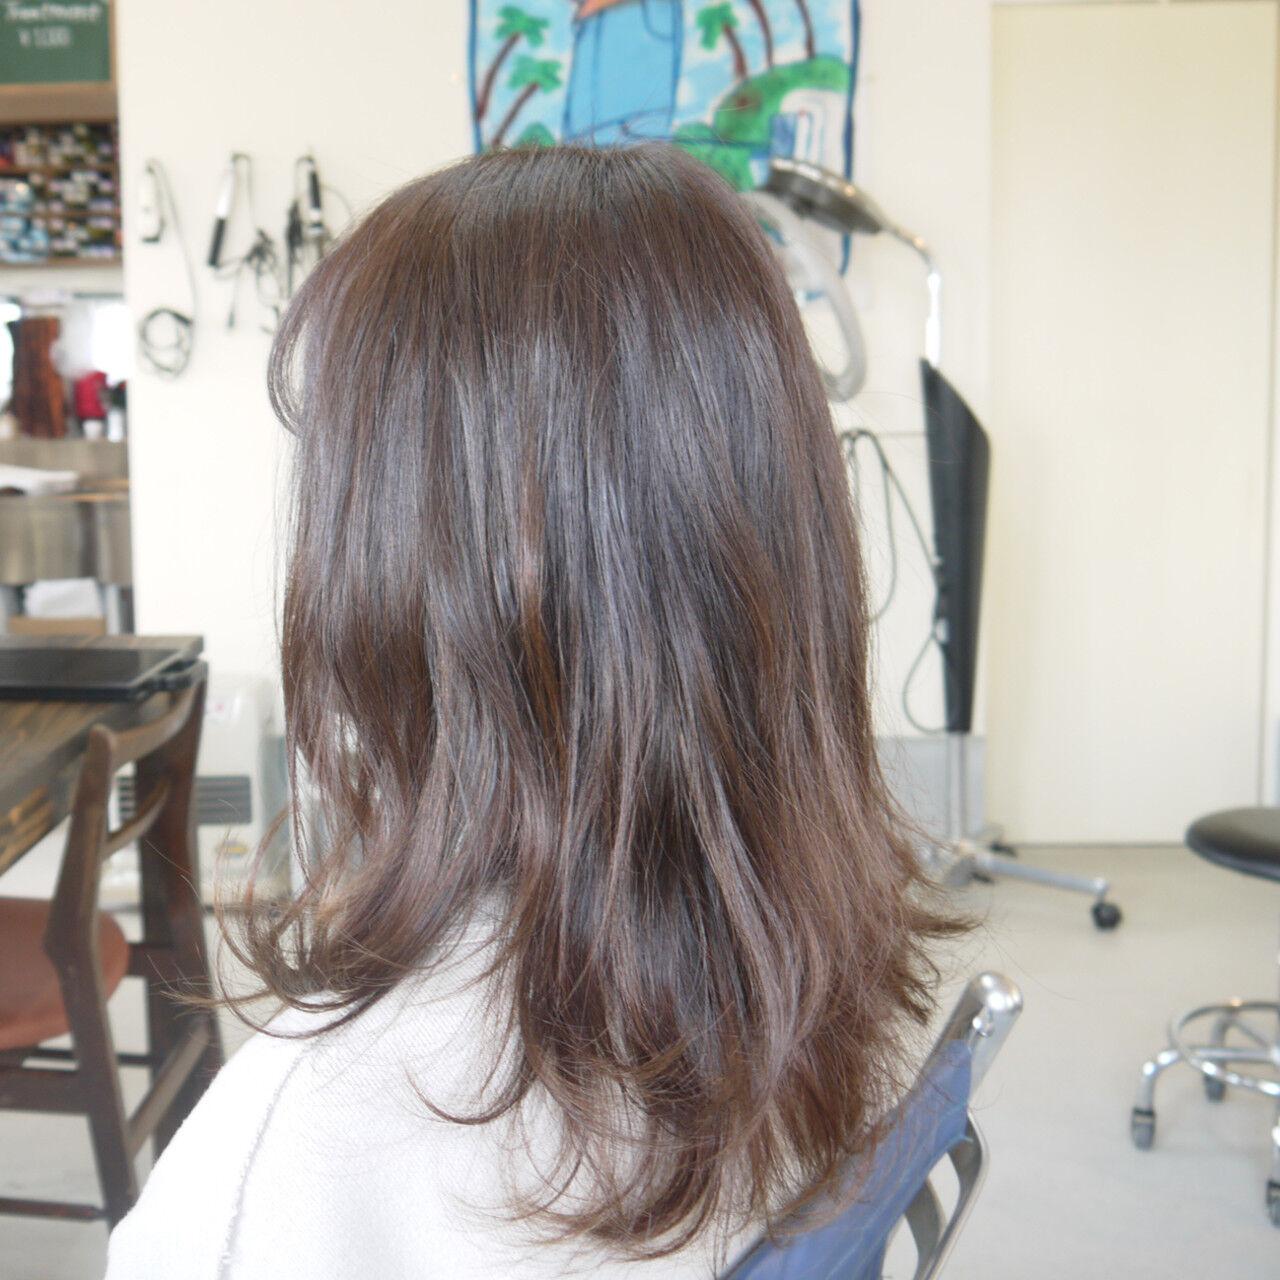 ミディアムレイヤー パープルアッシュ アッシュベージュ アッシュヘアスタイルや髪型の写真・画像